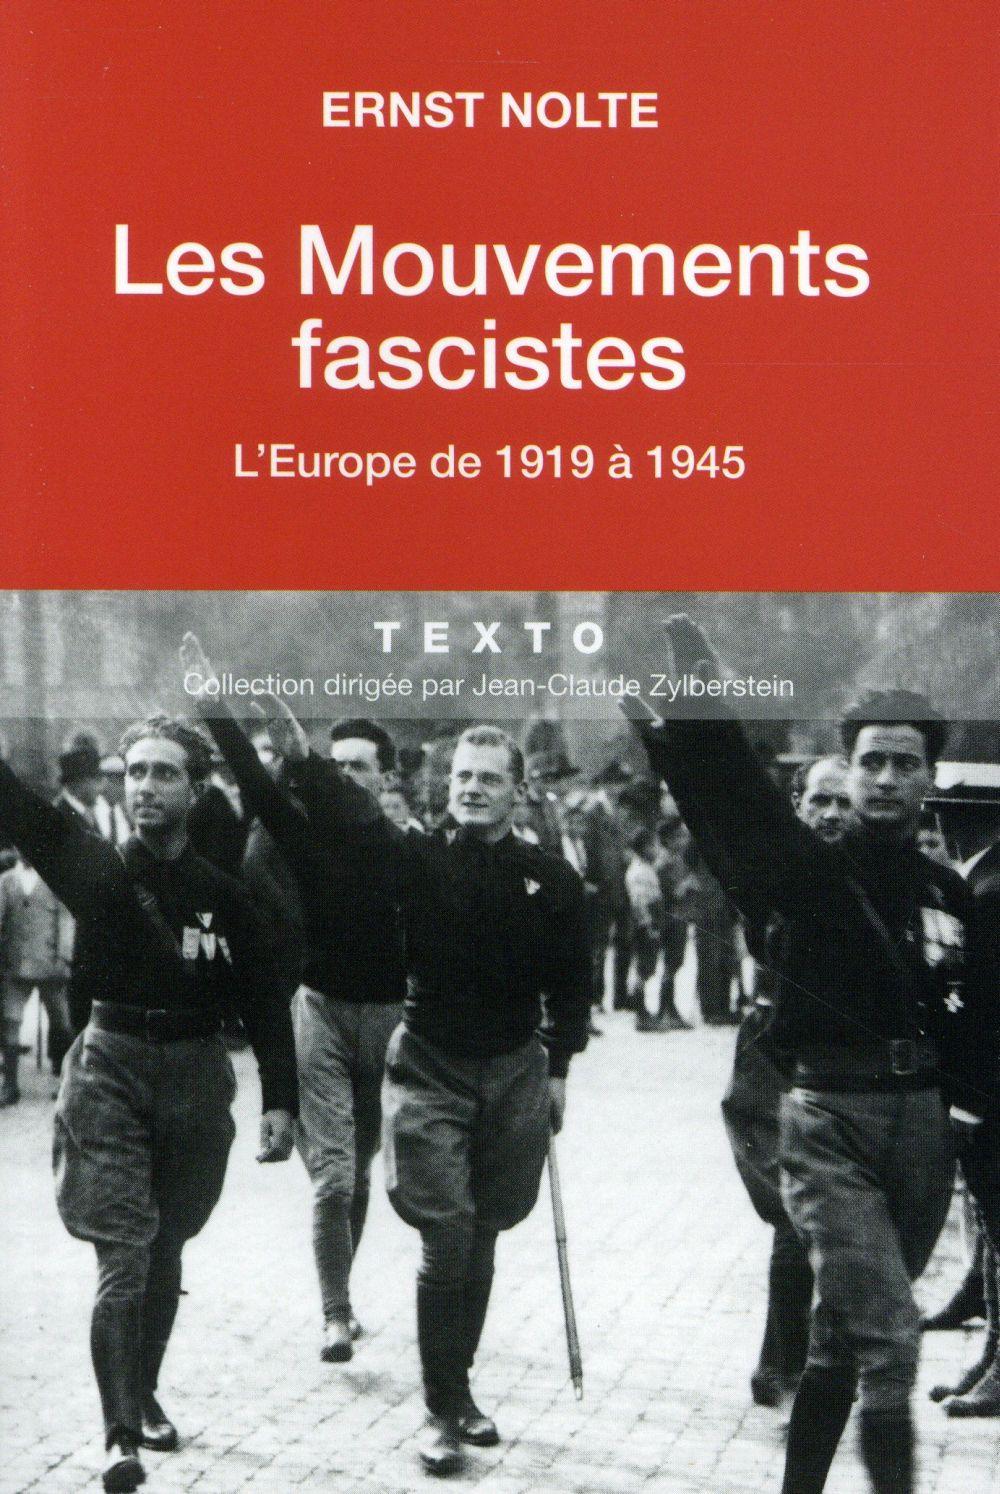 Les mouvements fascistes ; l'europe de 1919 à 1945